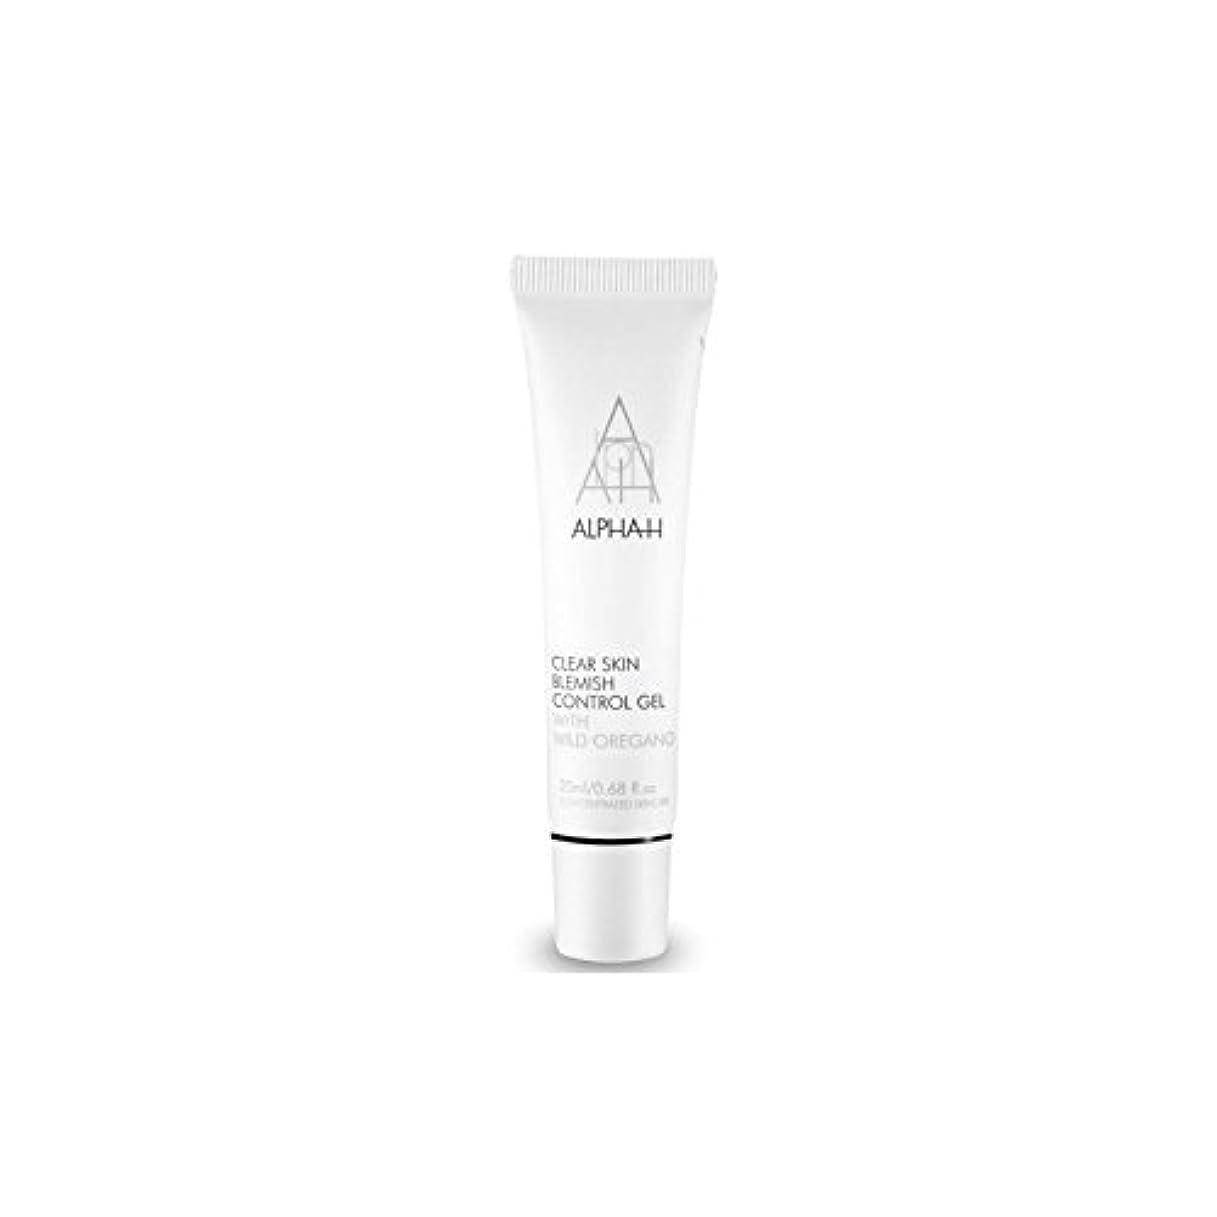 不可能なサラダフォーカスAlpha-H Clear Skin Blemish Control Gel (20ml) - アルファクリア皮膚傷制御ゲル(20)中 [並行輸入品]